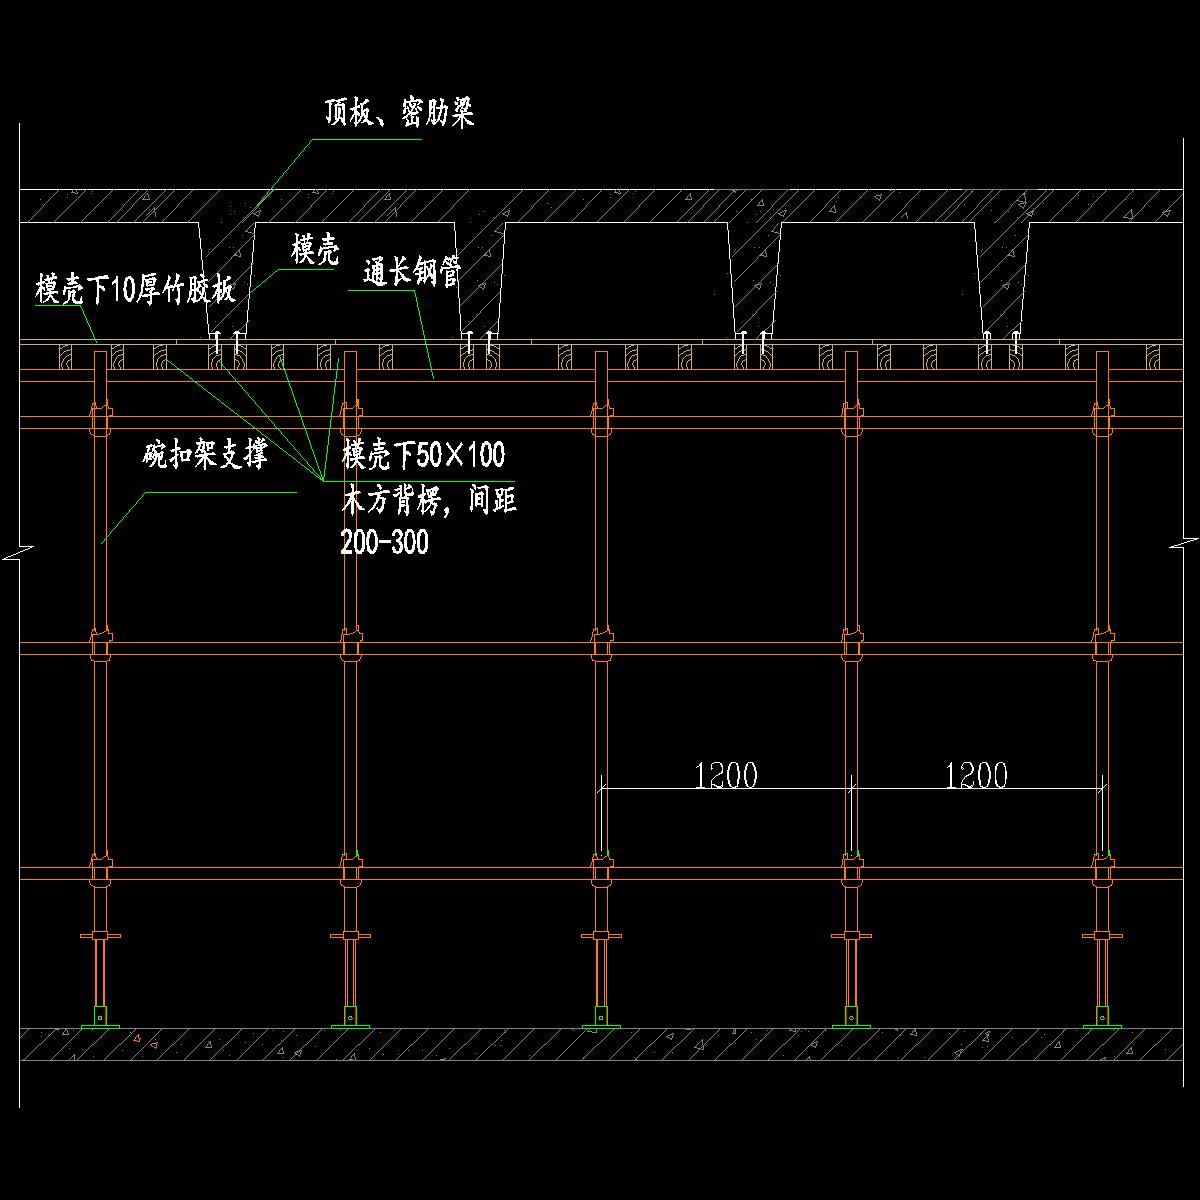 梁、板模板支设图(满布模板)1.dwg